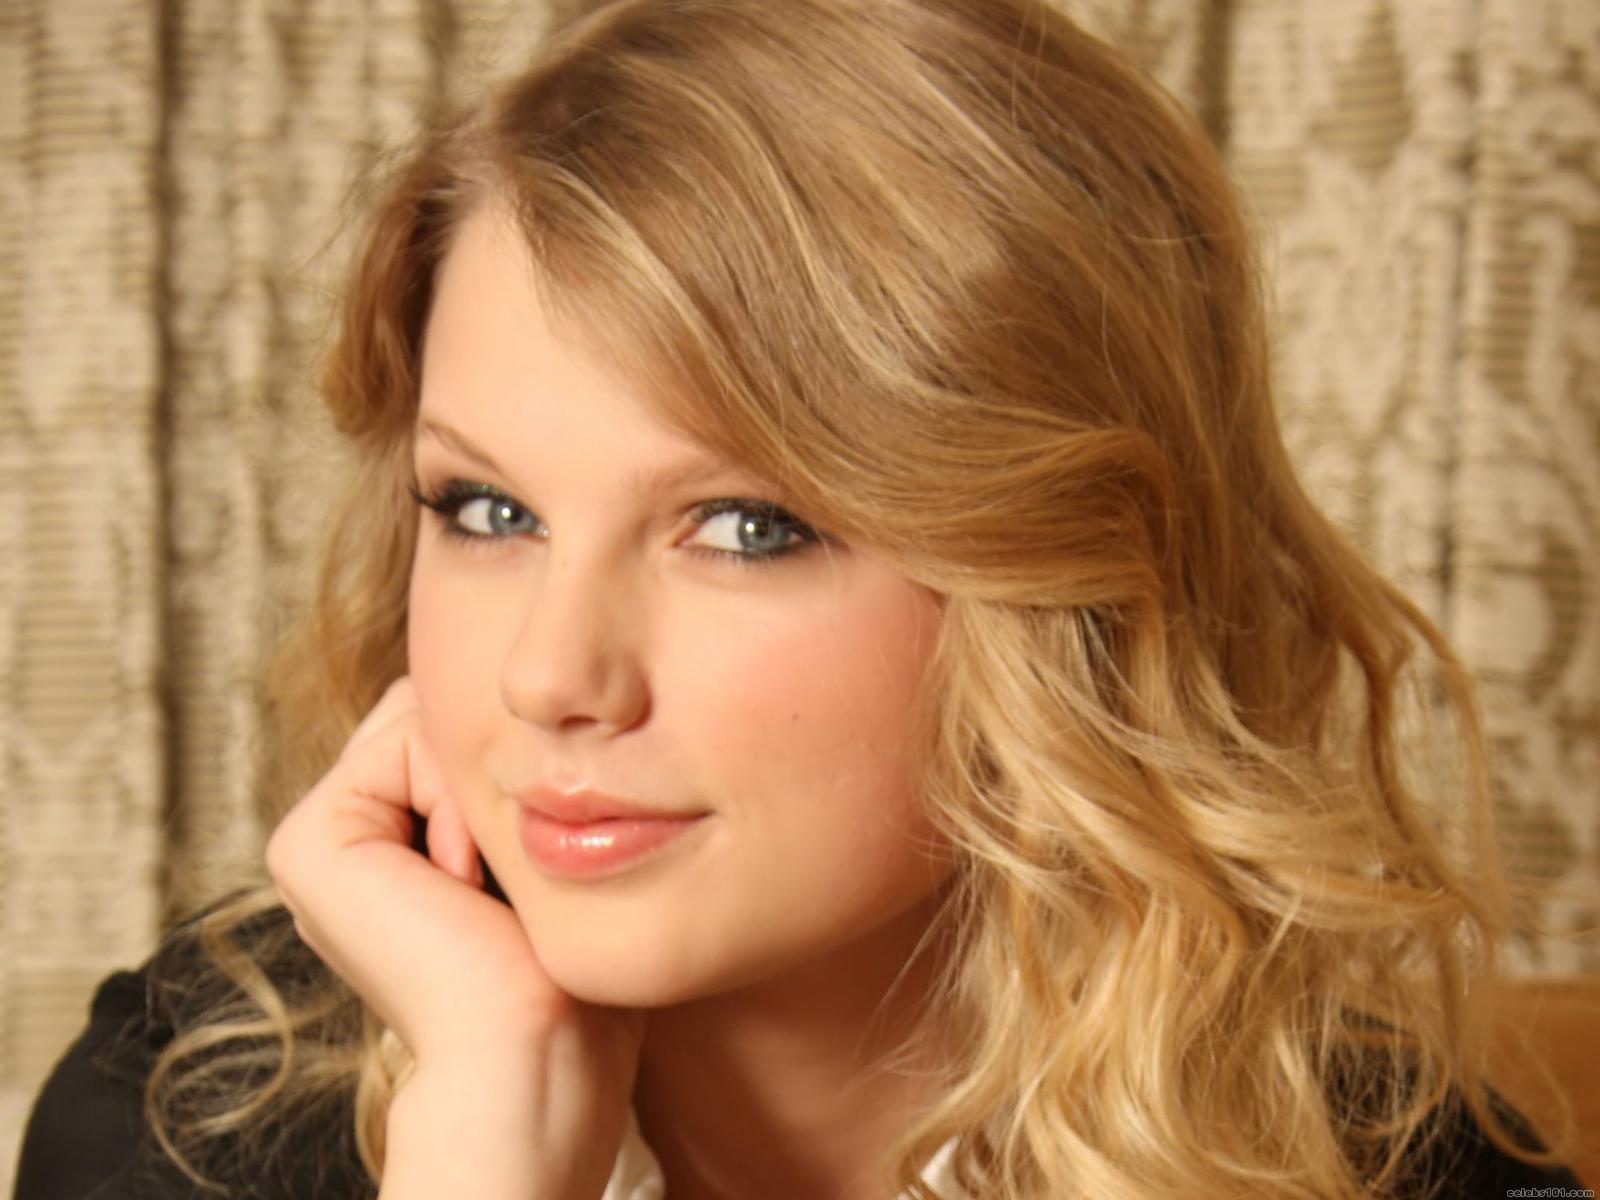 Makeup University Inc: 2012 ACM awards Taylor Swift look ...